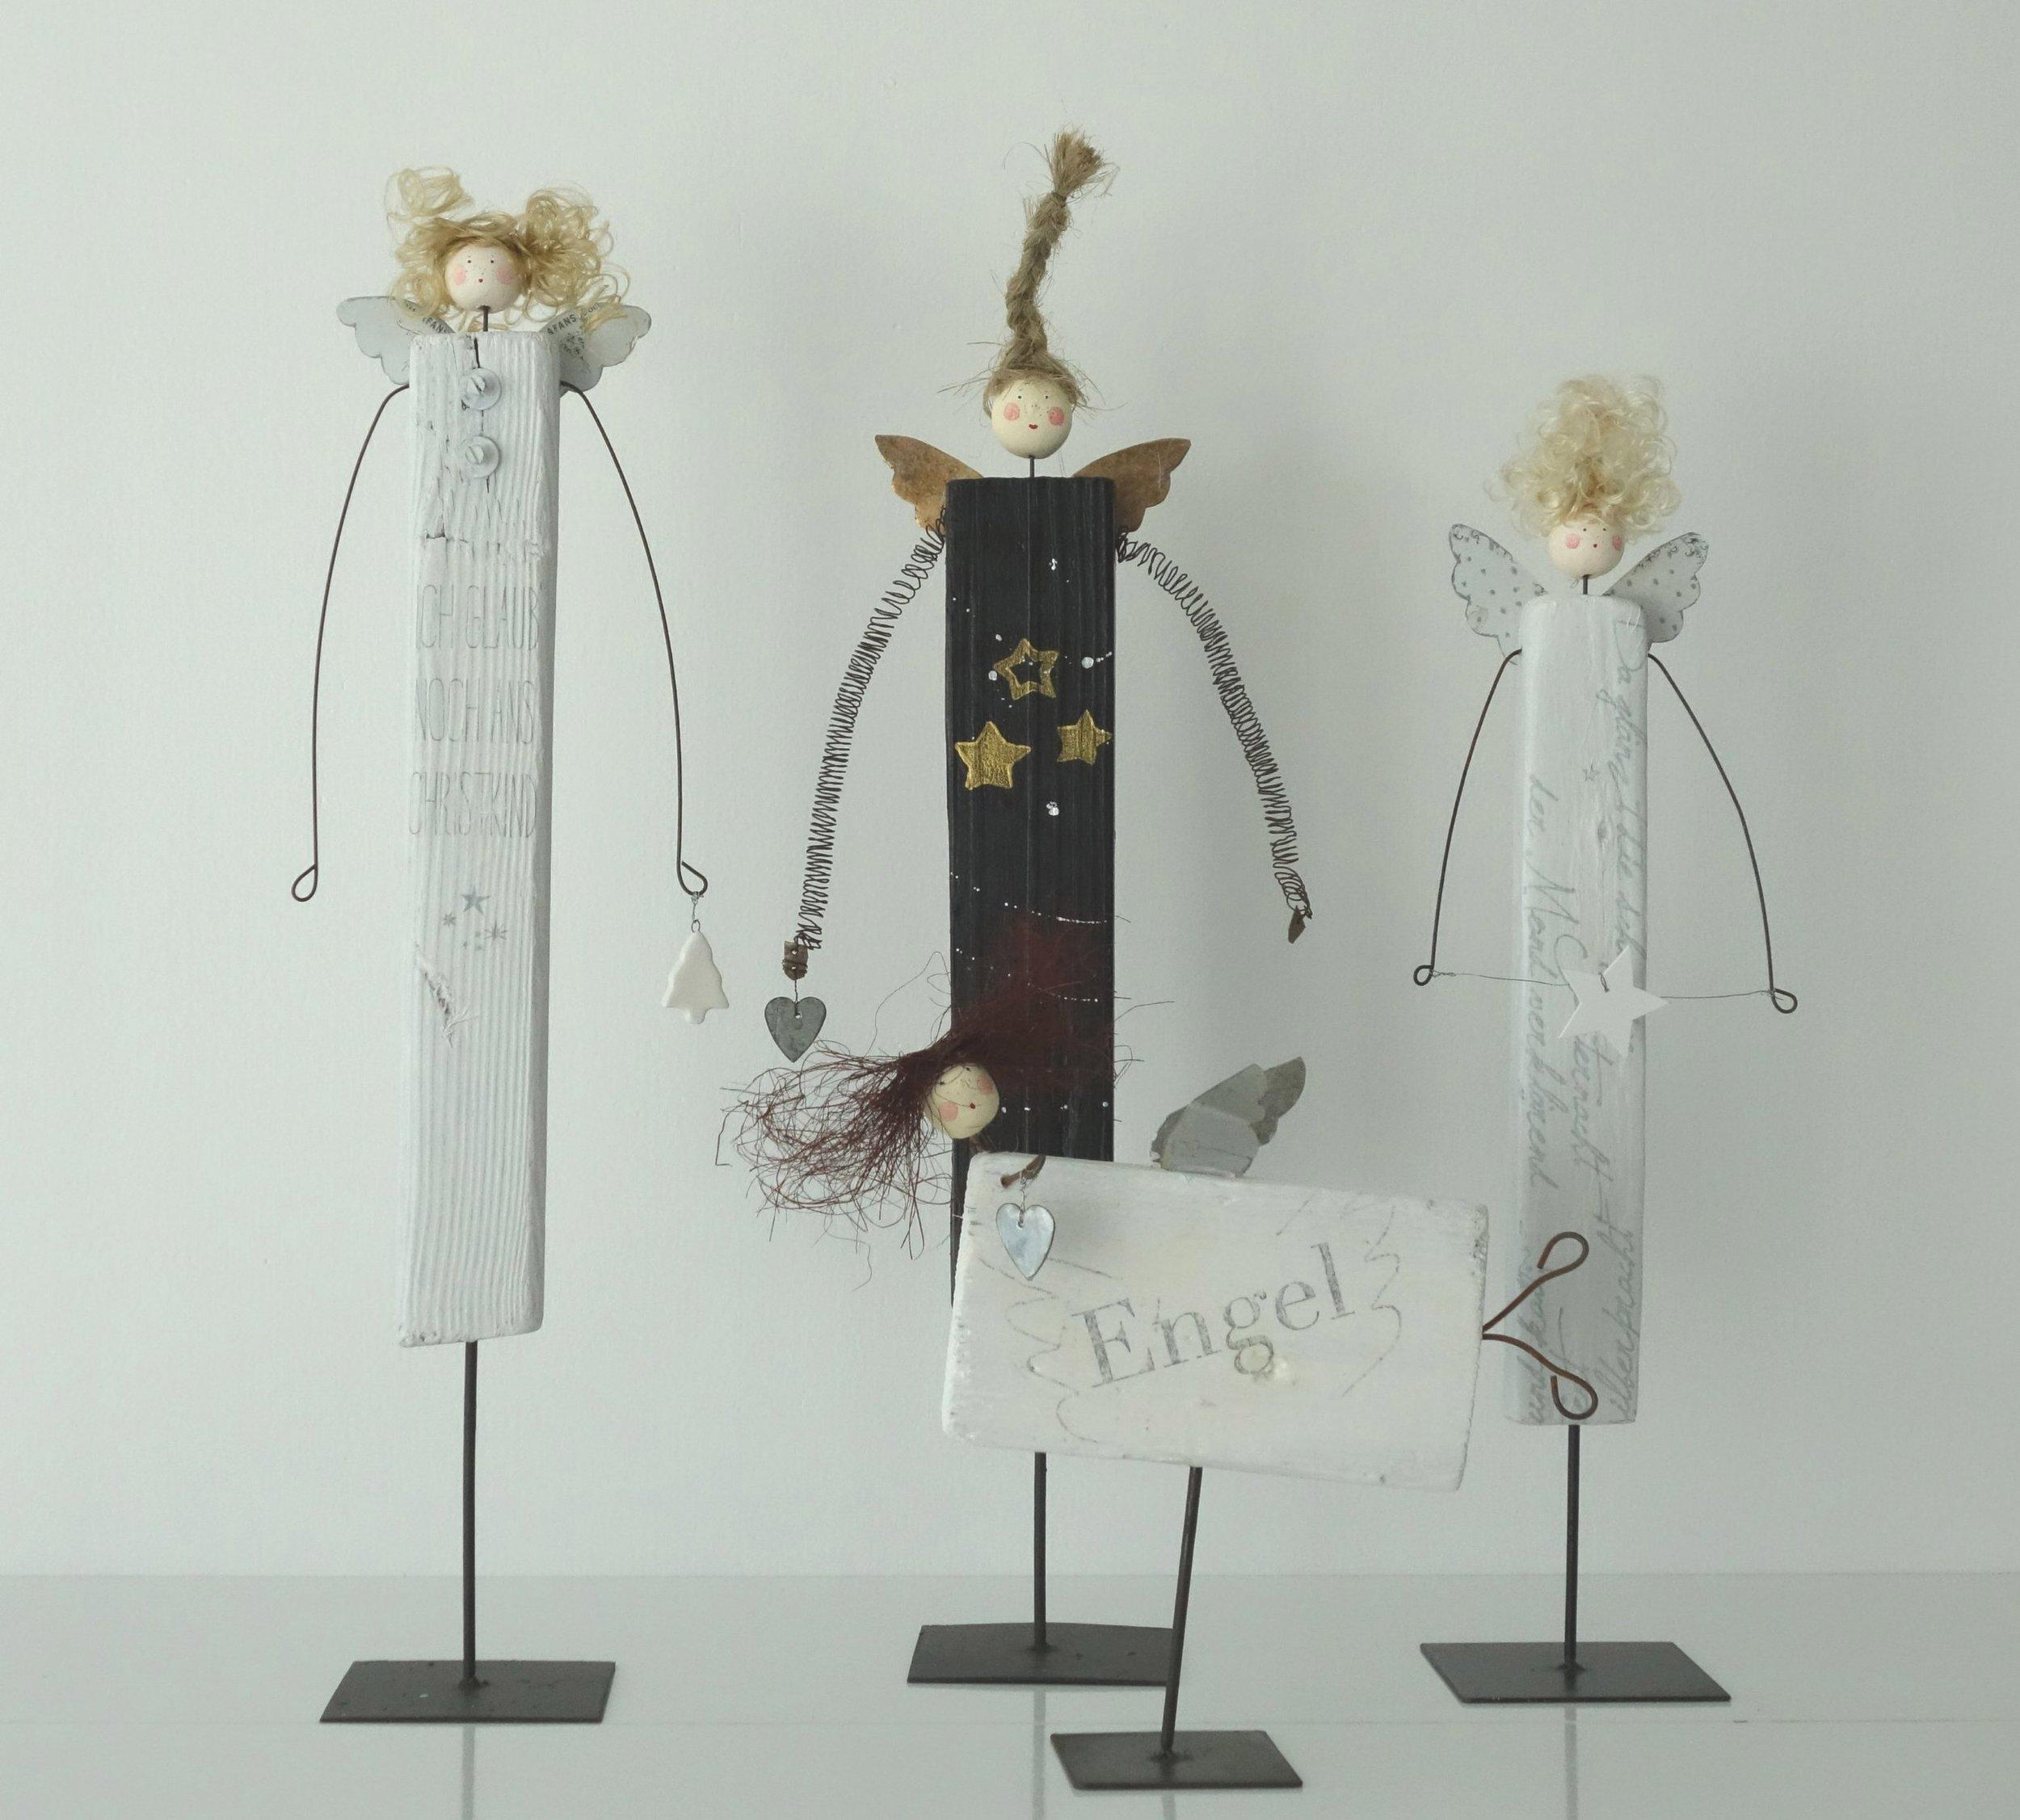 Links: Clara, 50 cm hoch, Fr 90.--, Art & Craft, Winterthur Mitte hinten: Mia 50 cm hoch, Fr 90.--, Art & Craft, Winterthur Mitte vorn: Lara 25 cm hoch, Fr 90.--, im Atelier Rechts: Frida 45 cm hoch, Fr 80.--, im Atelier